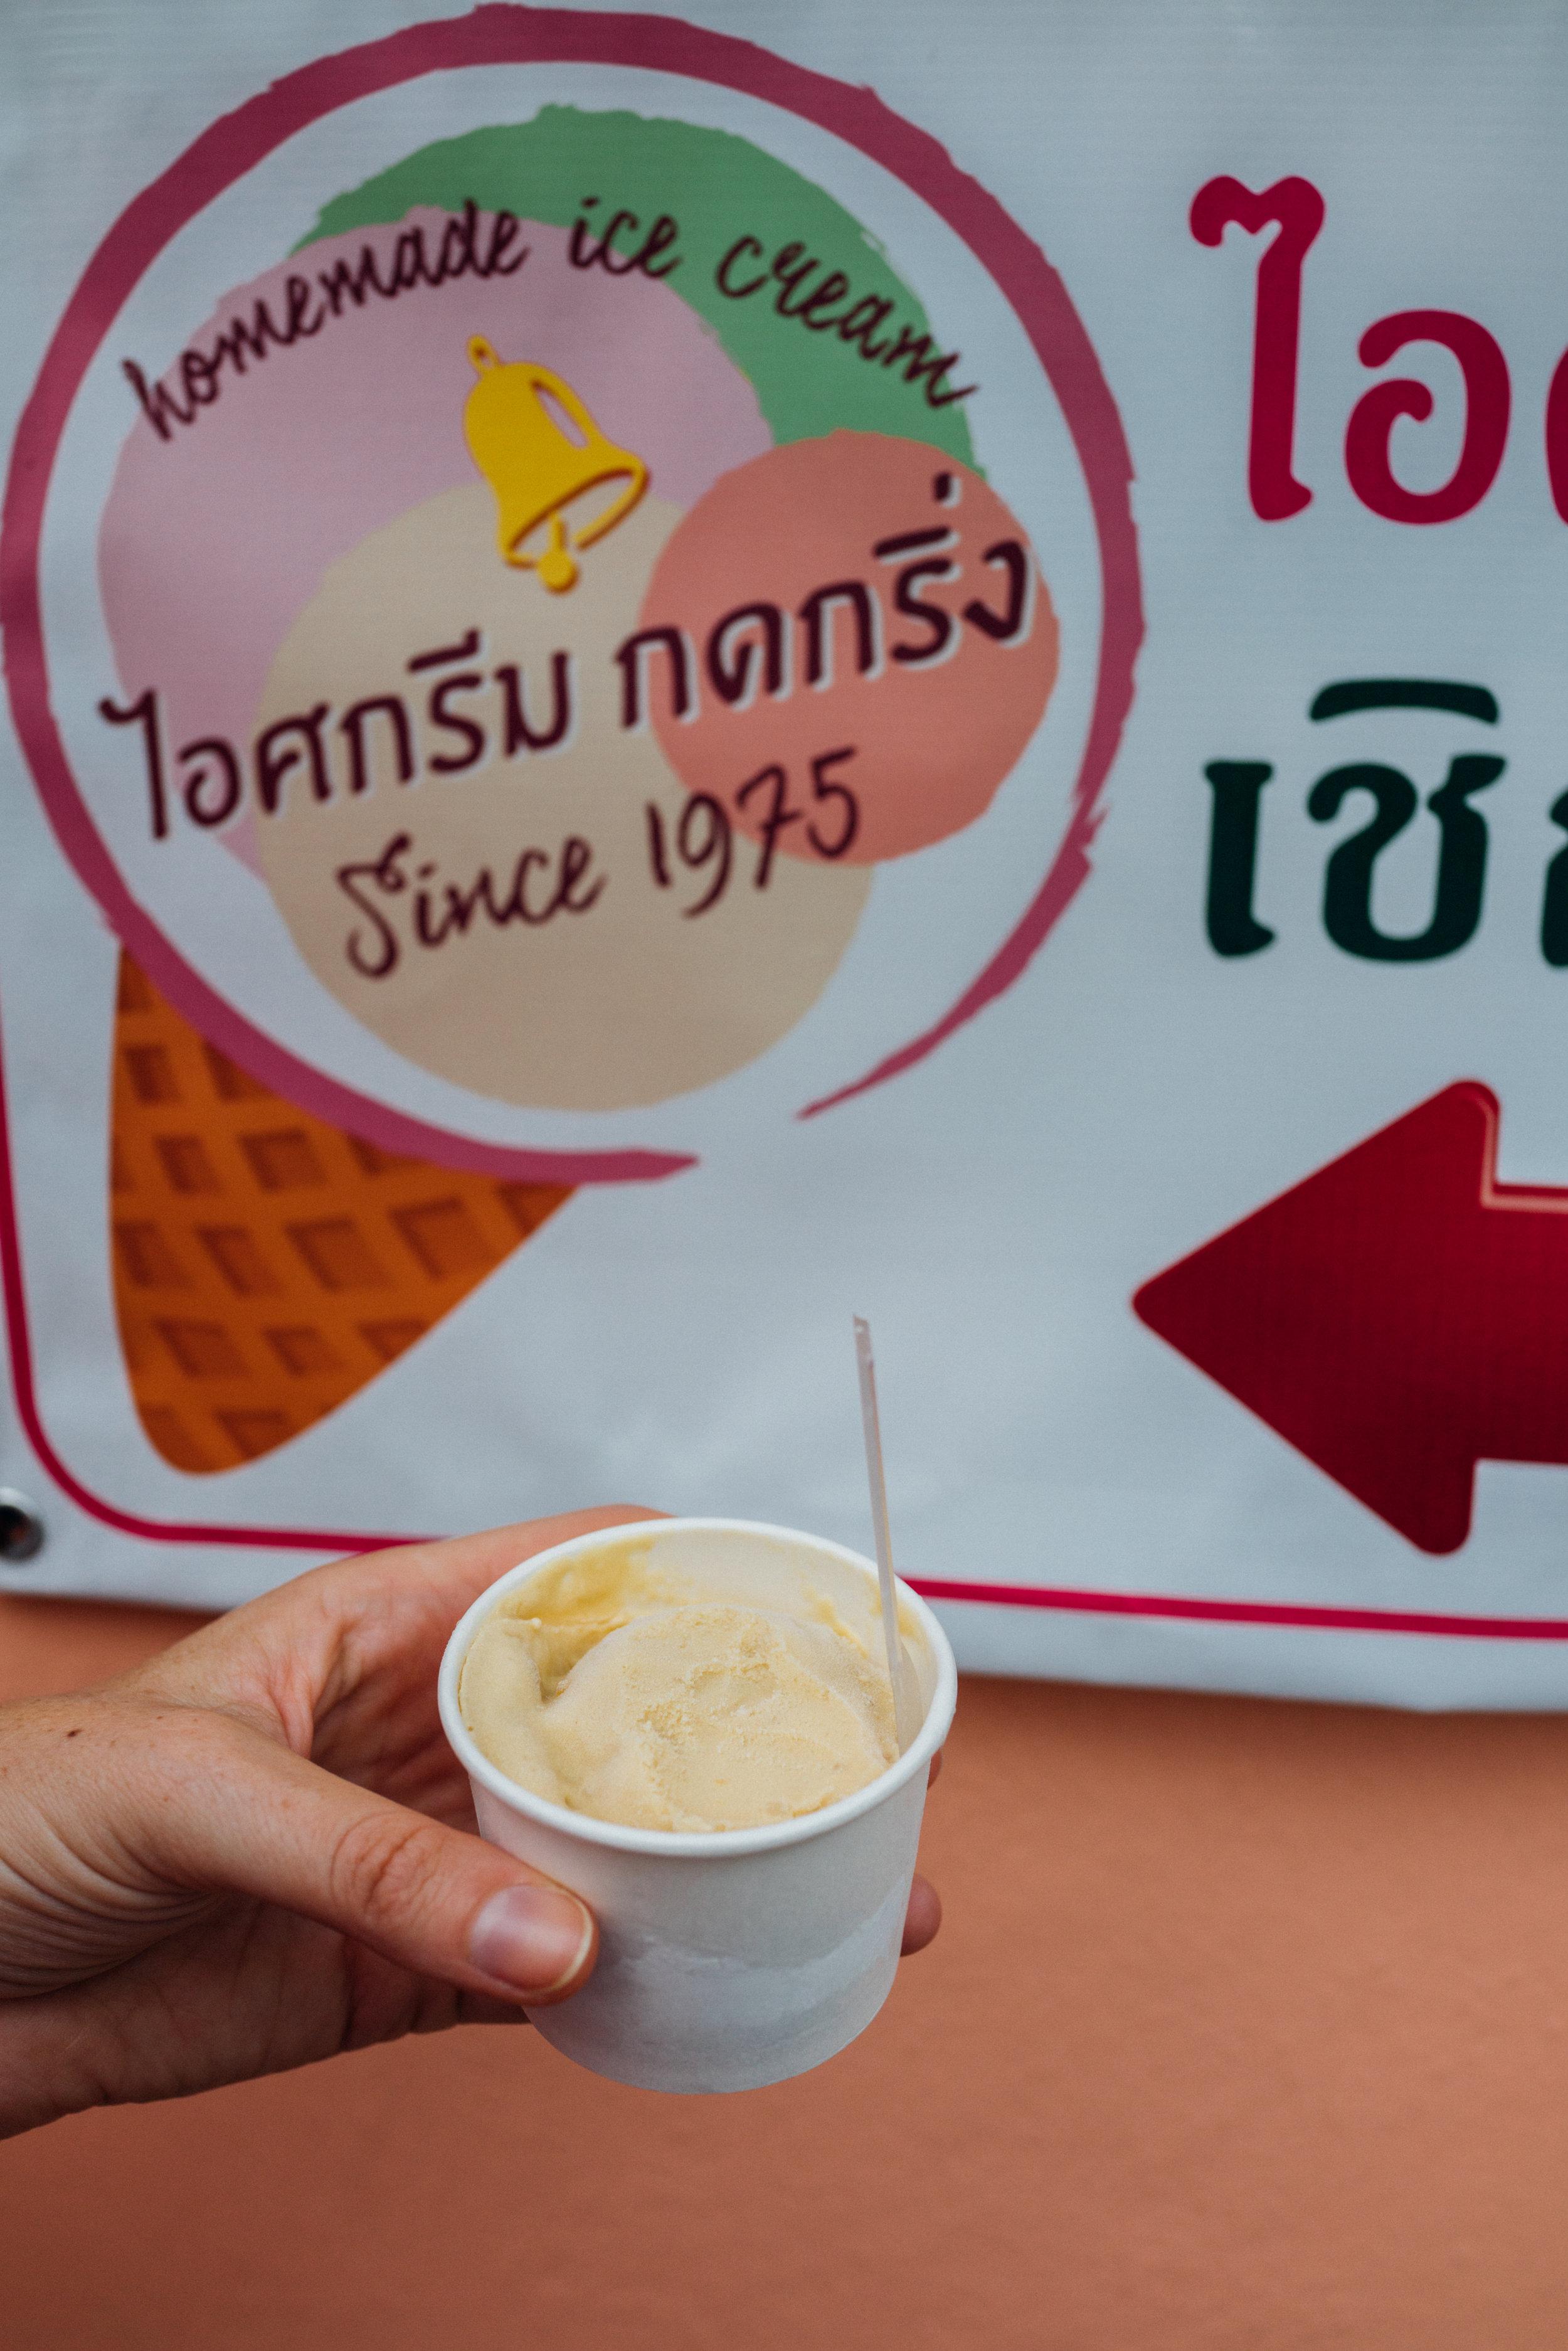 A cup of mango sticky rice ice cream